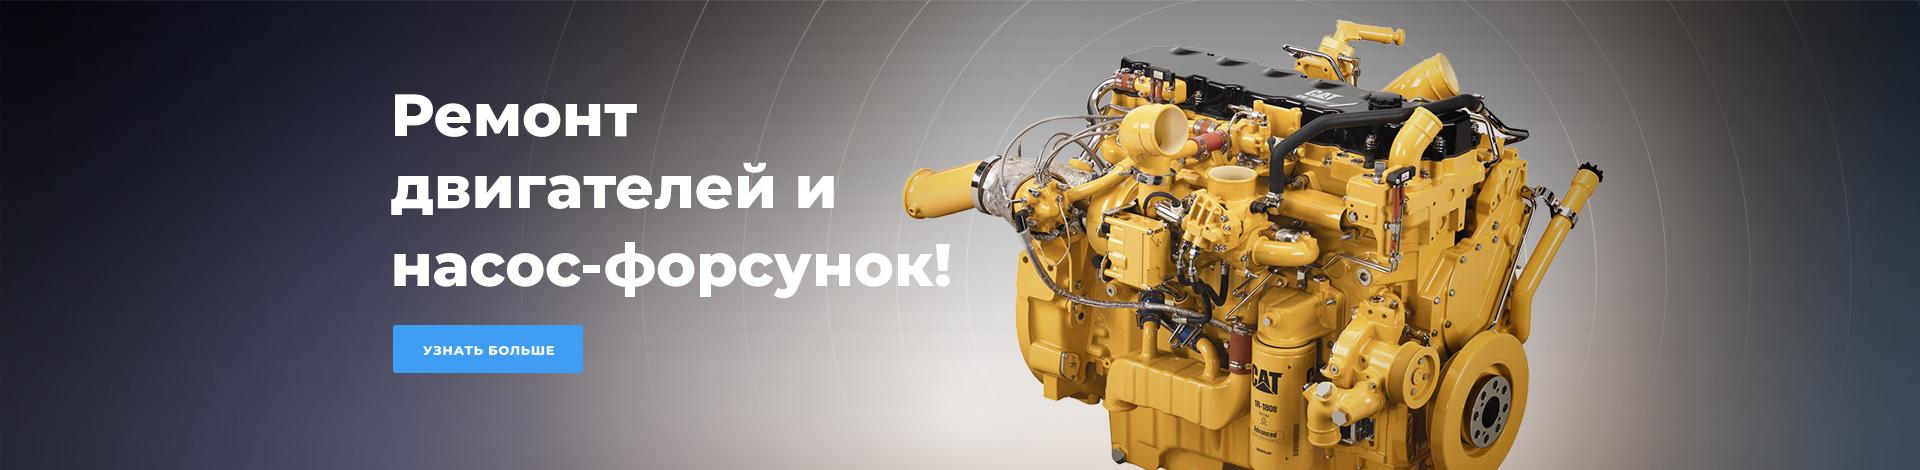 Ремонт двигателей и насос-форсунок!